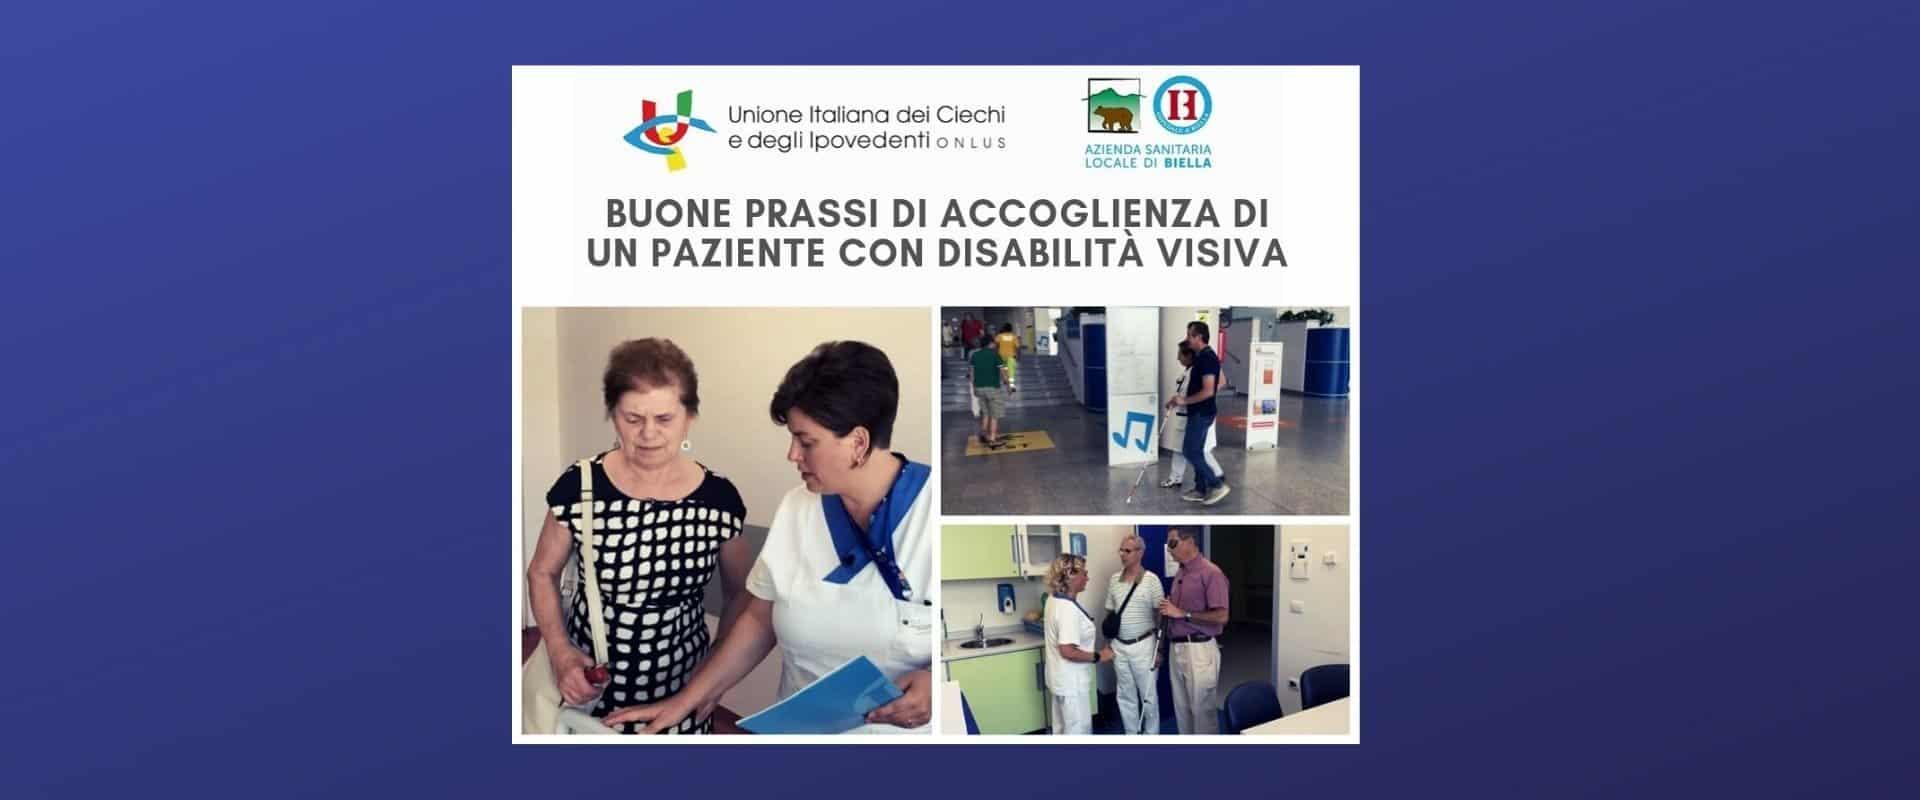 Accoglienza del paziente con disabilità visiva